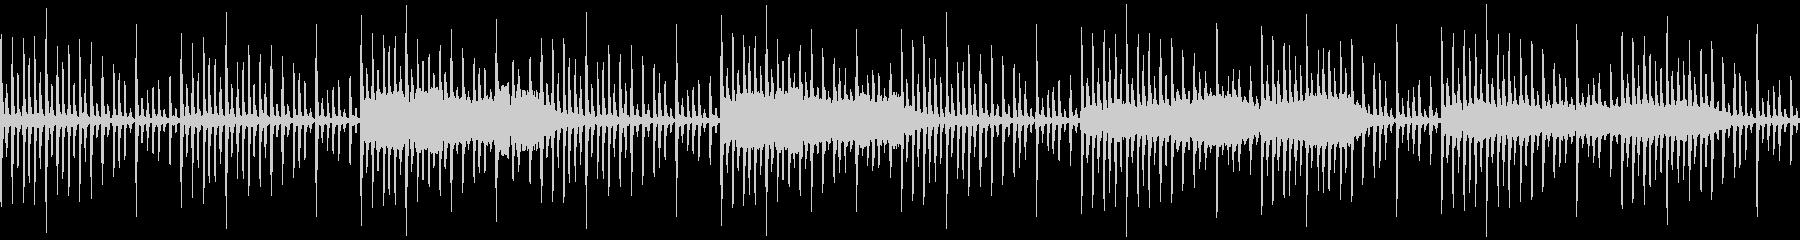 8bitで浮遊感あるBGMの未再生の波形